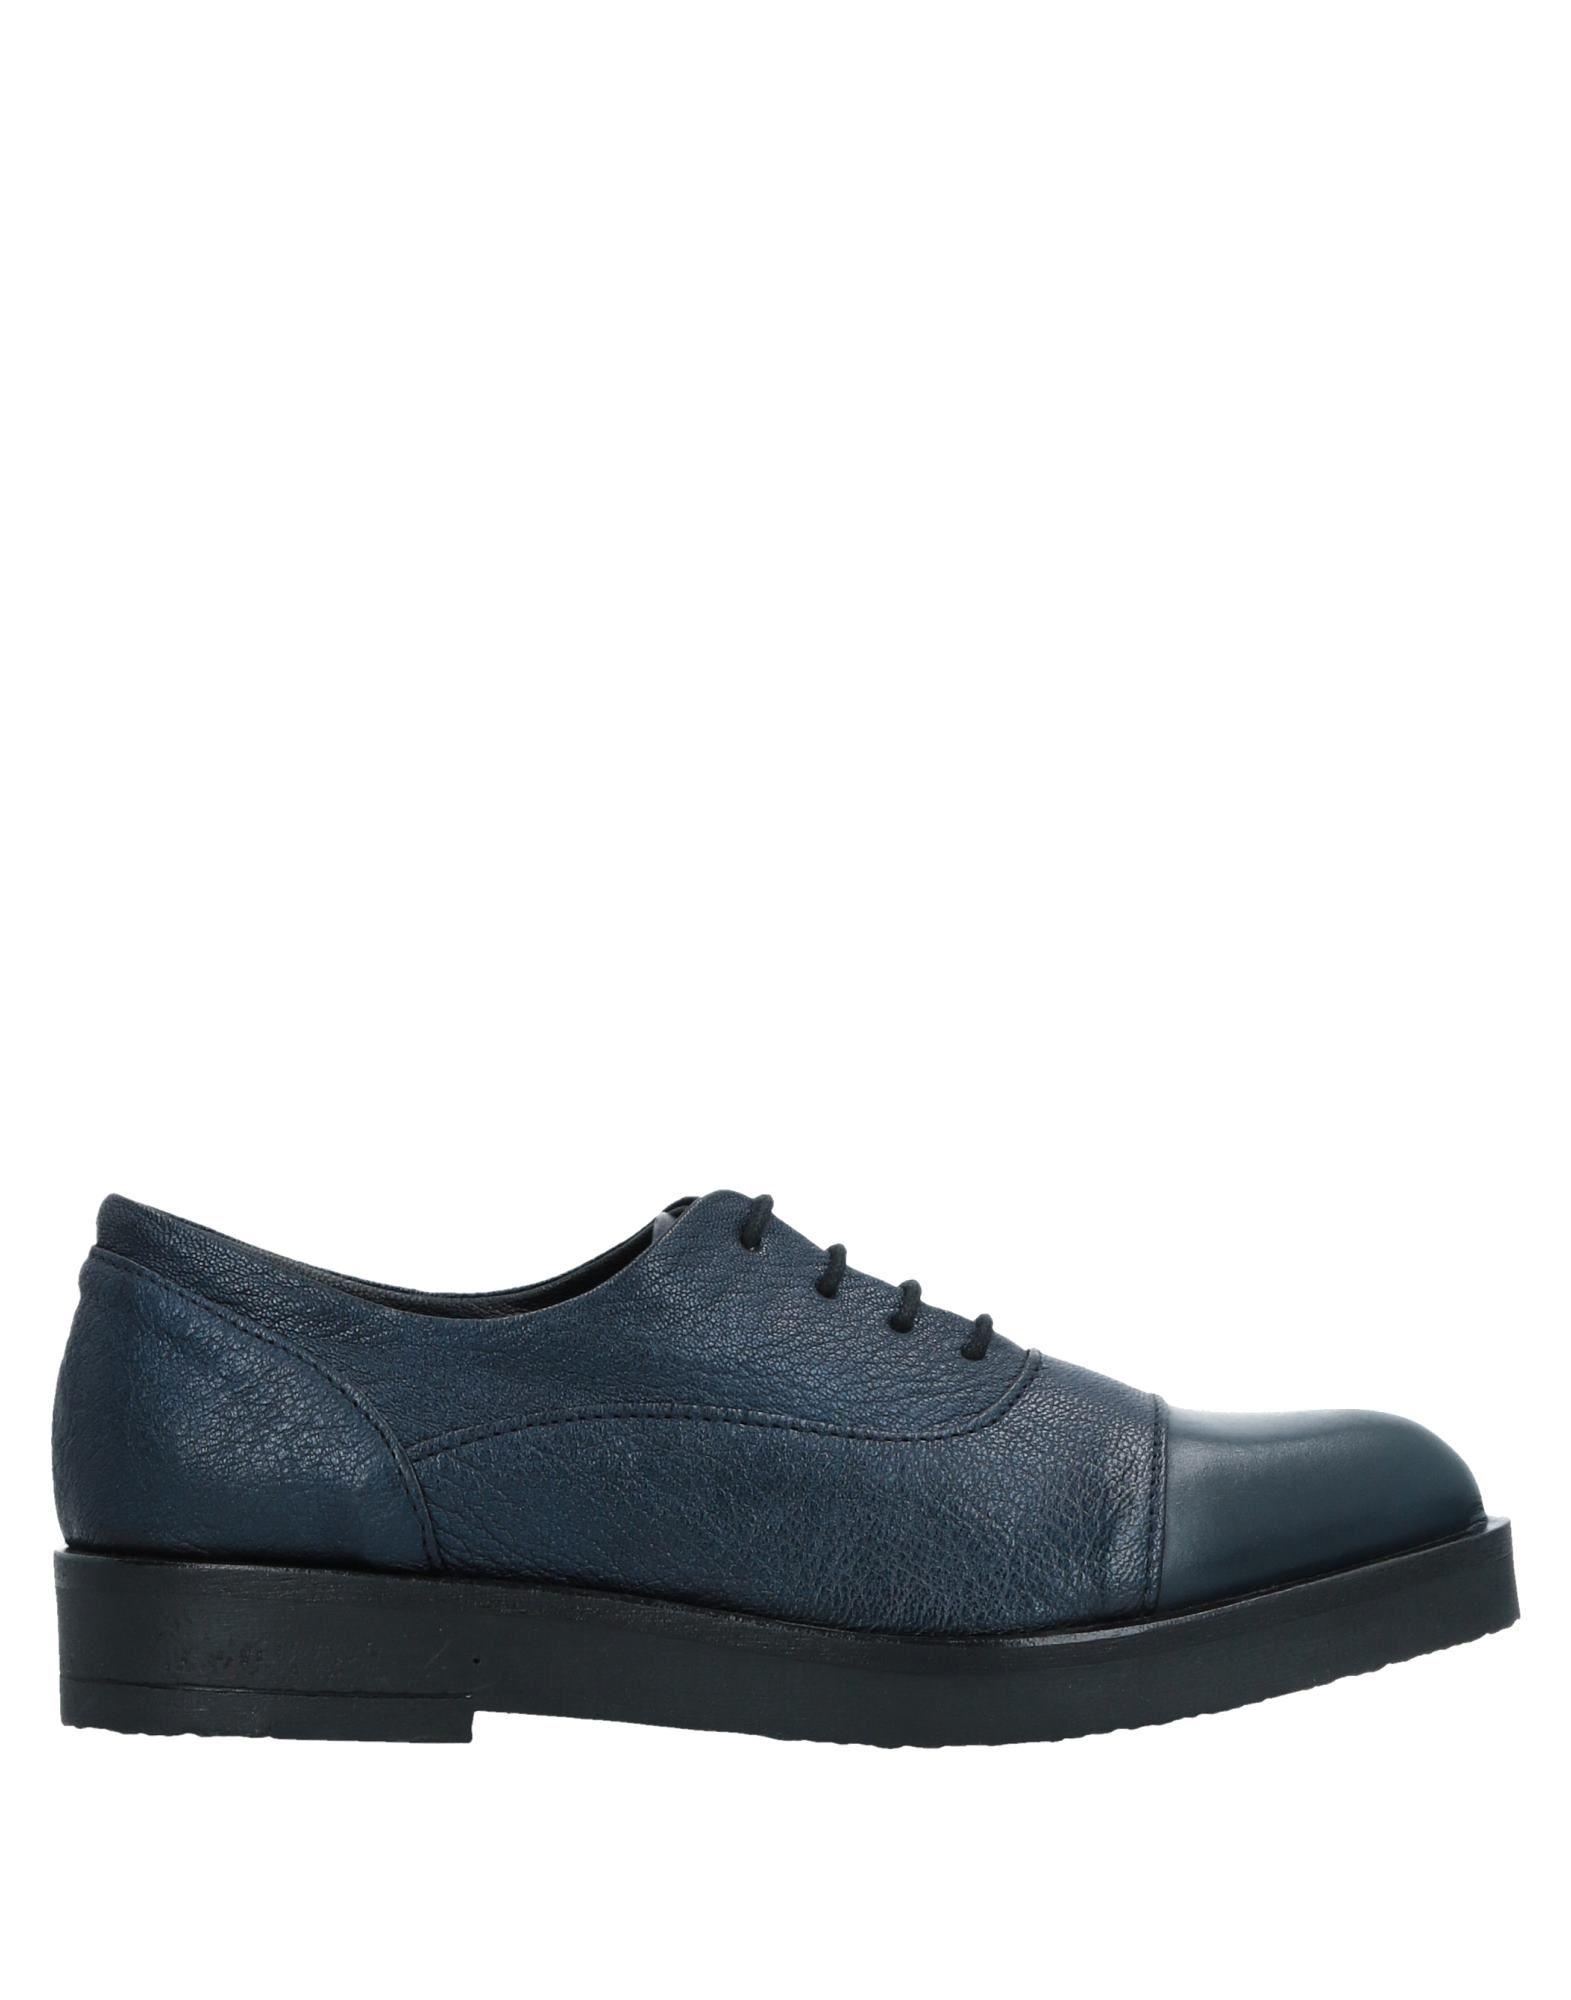 Lilimill Schnürschuhe Damen  11522358IM Gute Qualität beliebte Schuhe